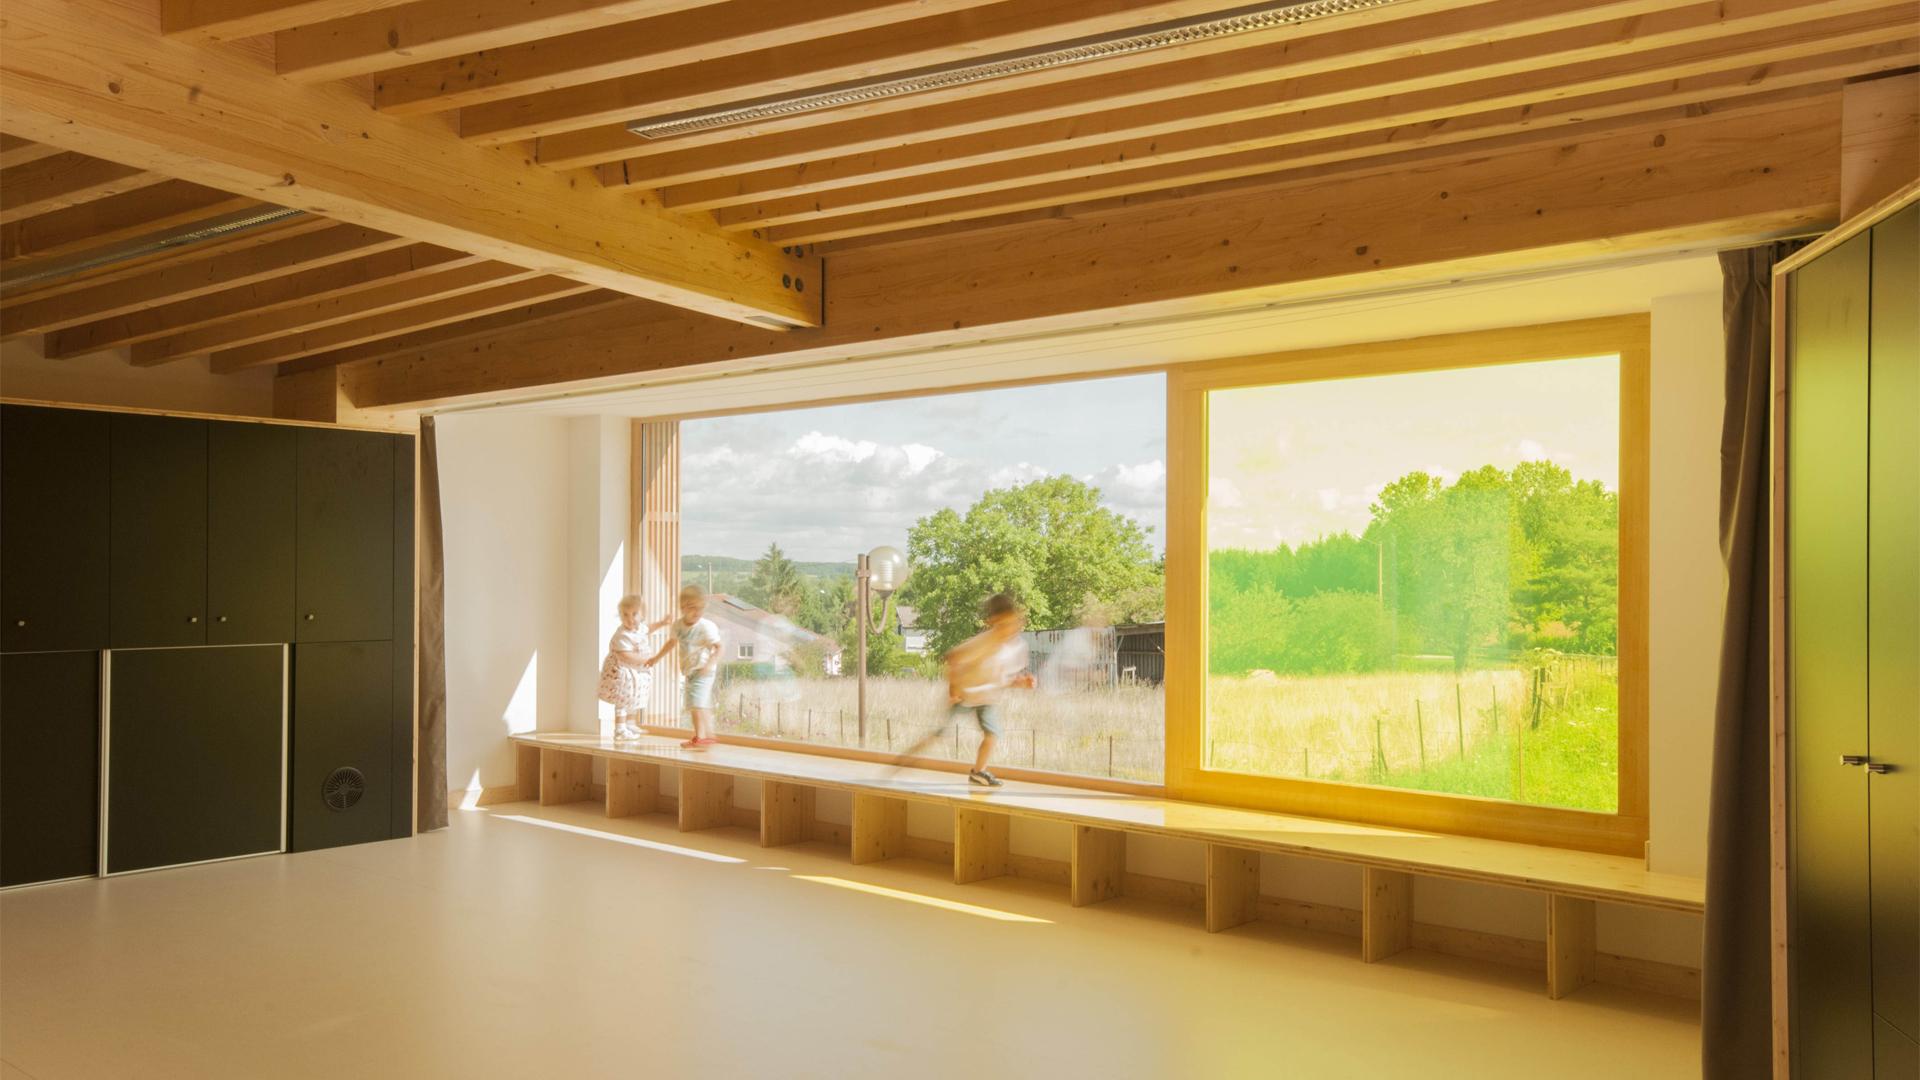 batiment ossature bois - Vosges Sanchey - 03